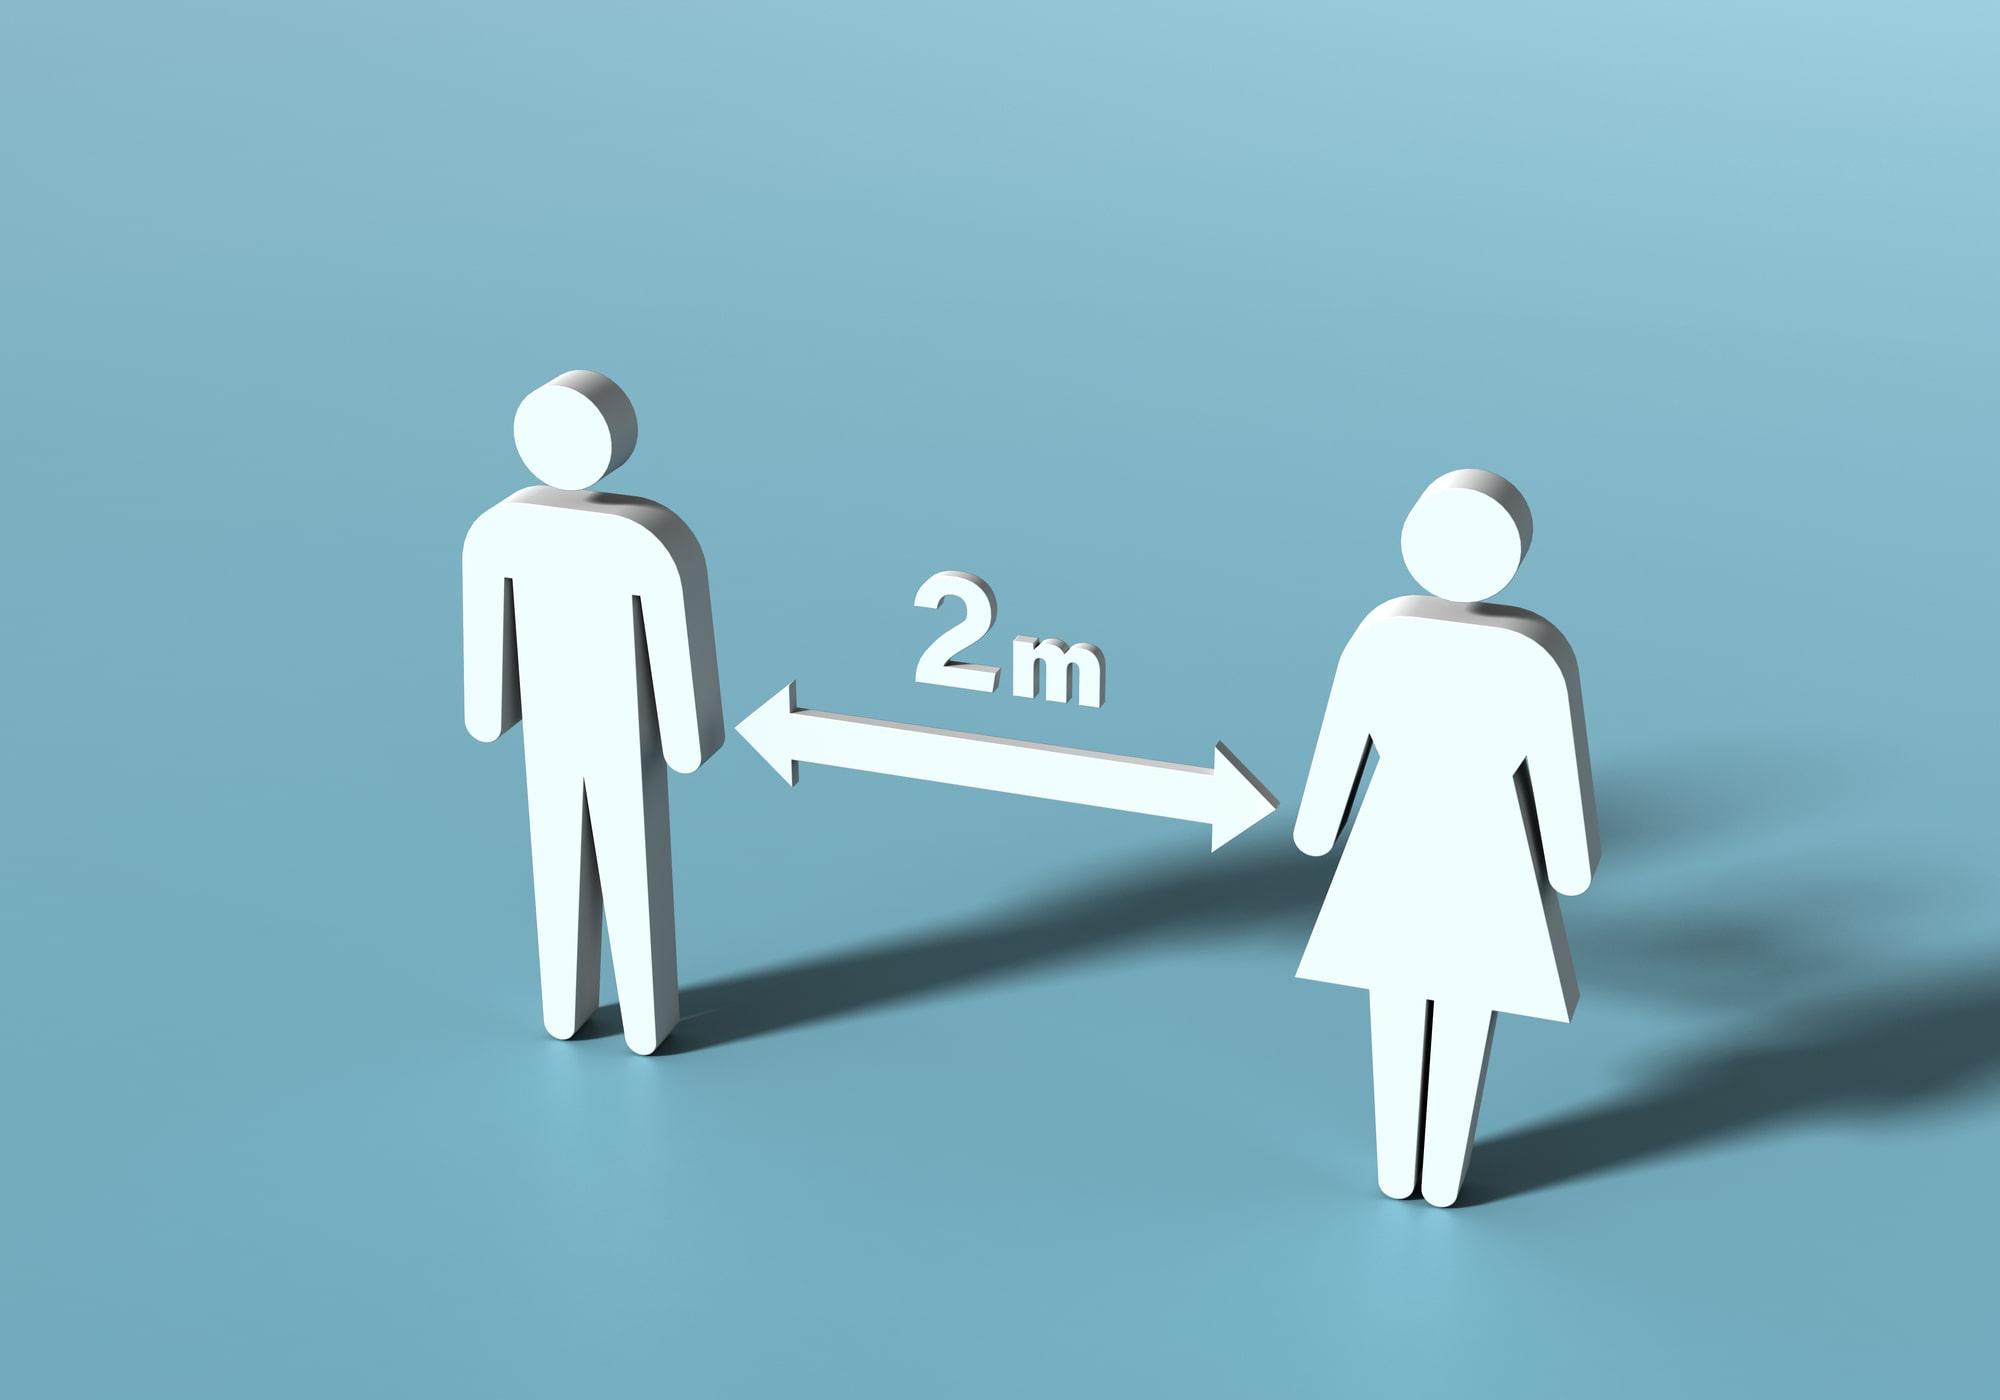 <きっかけはコロナ>コロナによる暮らしの変化5つ TIME SHARING タイムシェアリング  スペースマネジメント あどばる adval SHARING